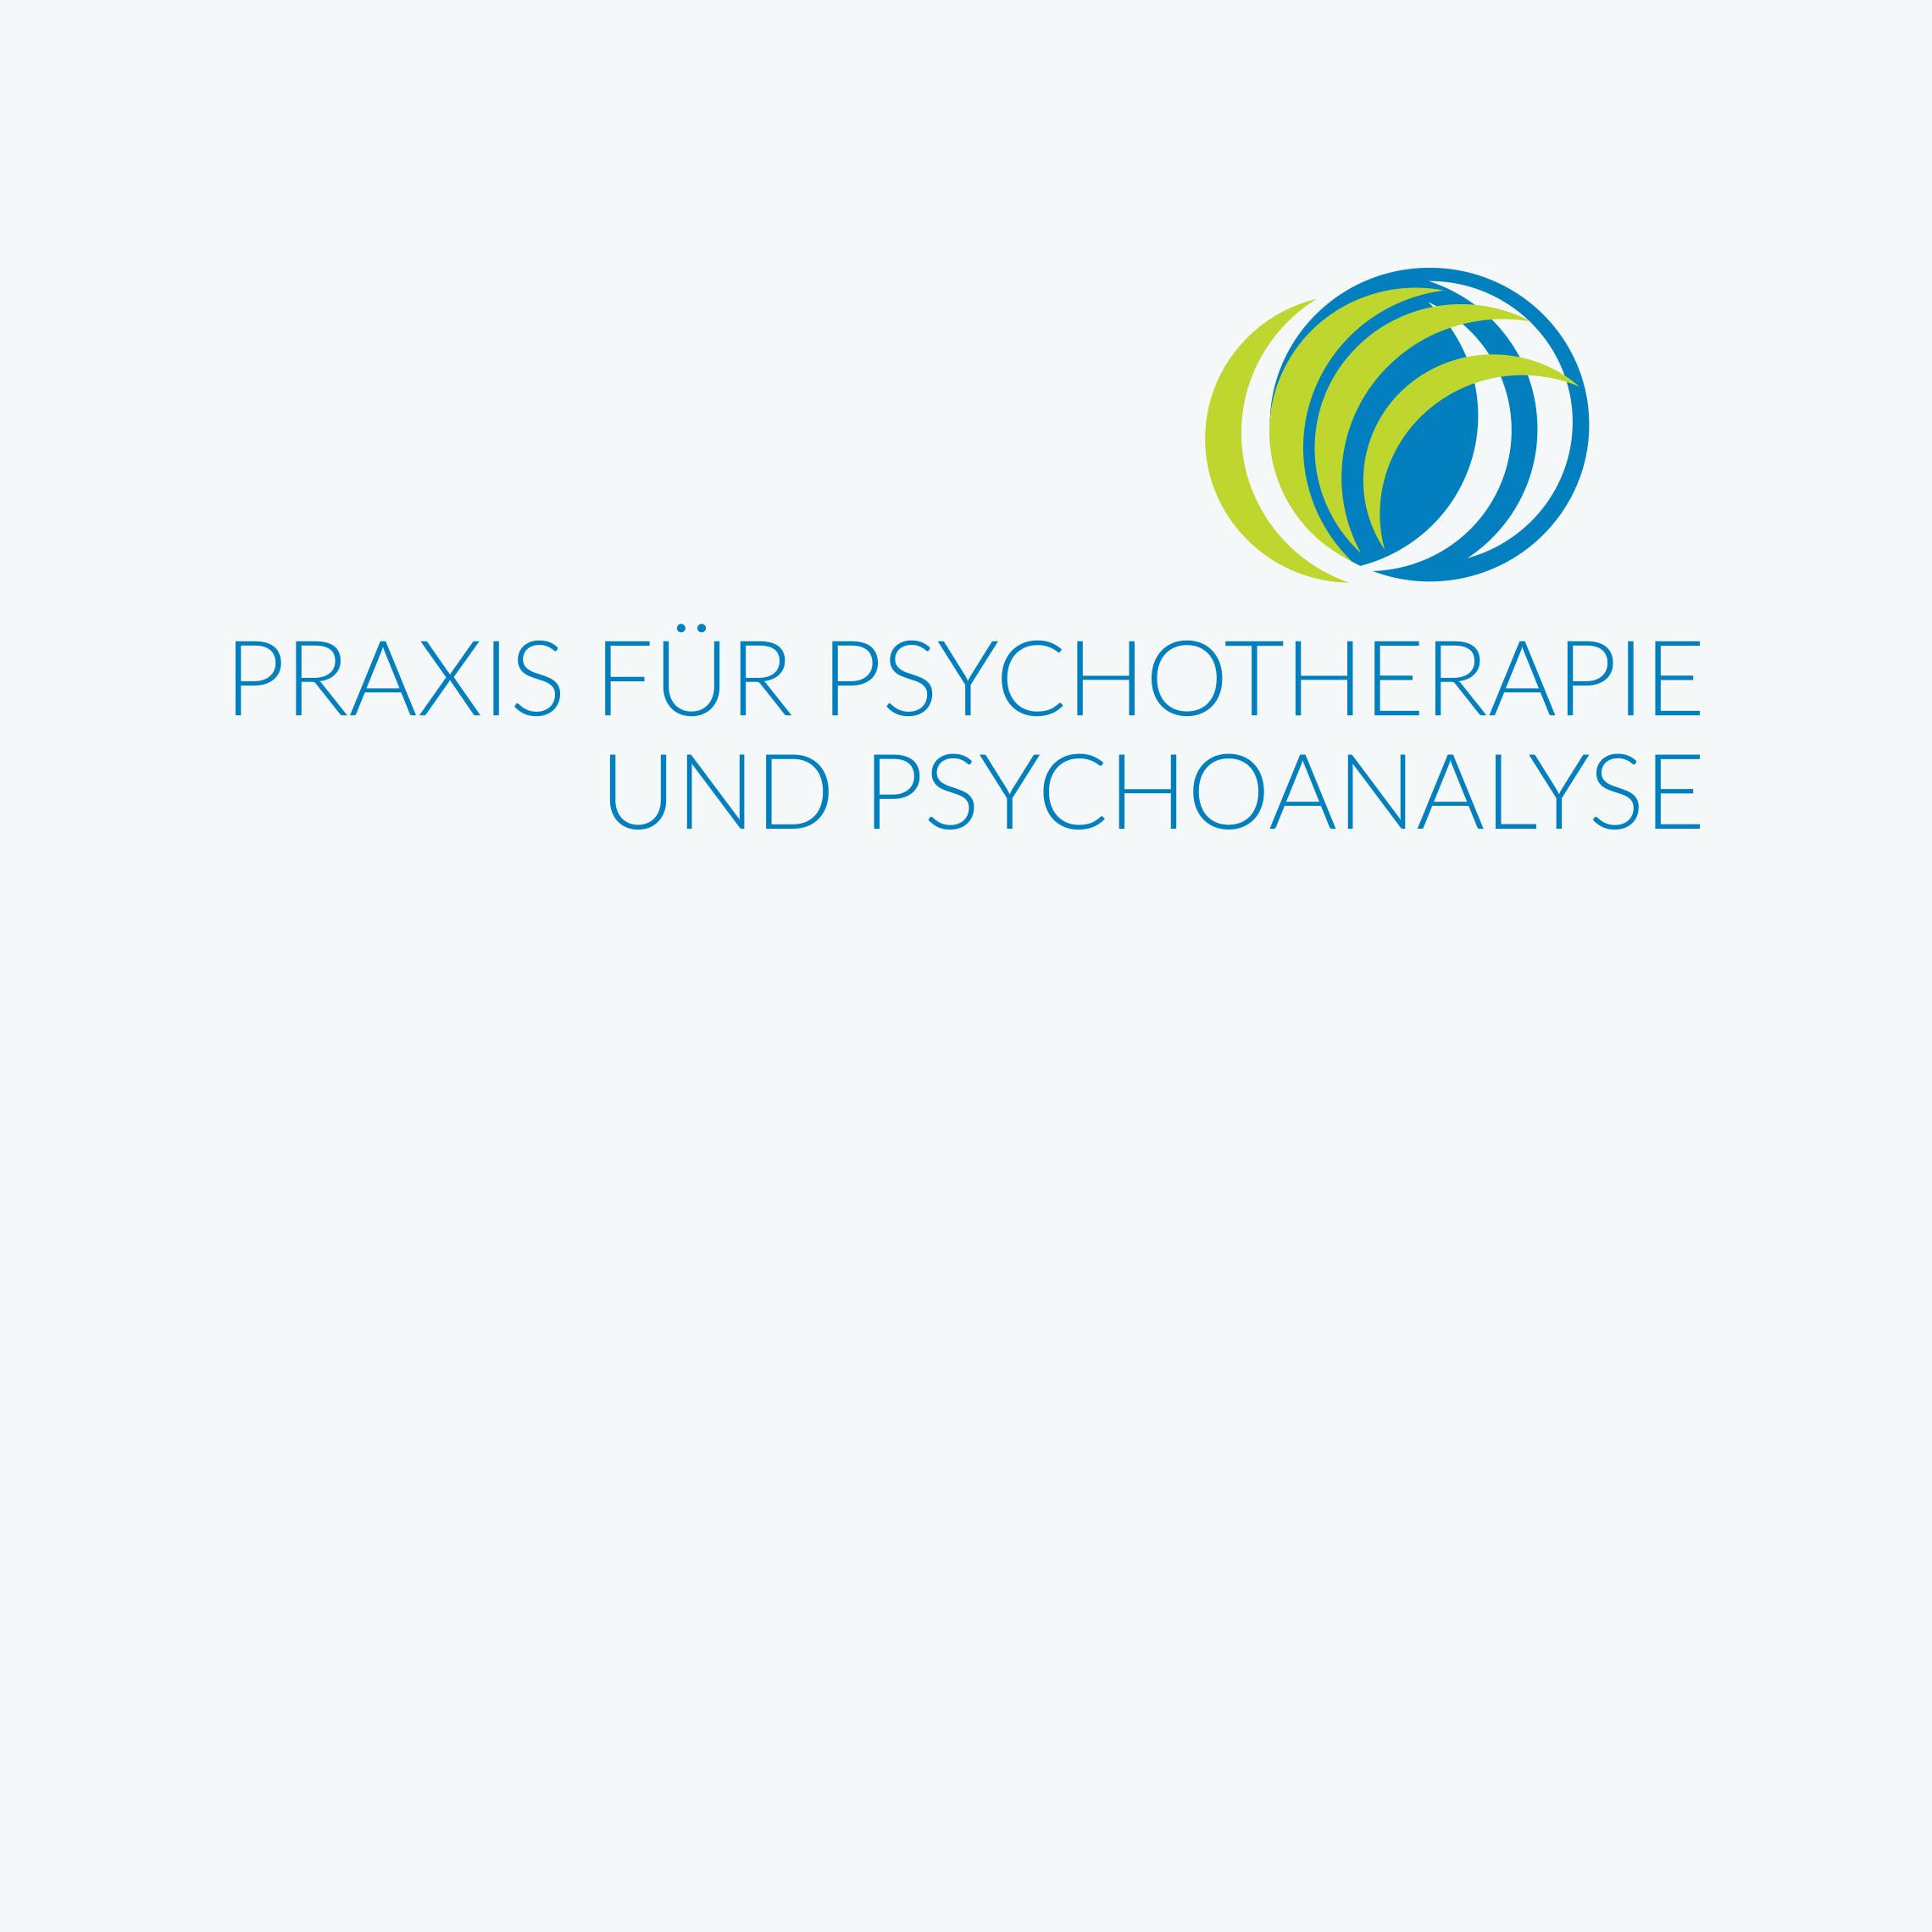 Praxis Für Psychotherapie Und Psychoanalyse Dreigrafik Gbr